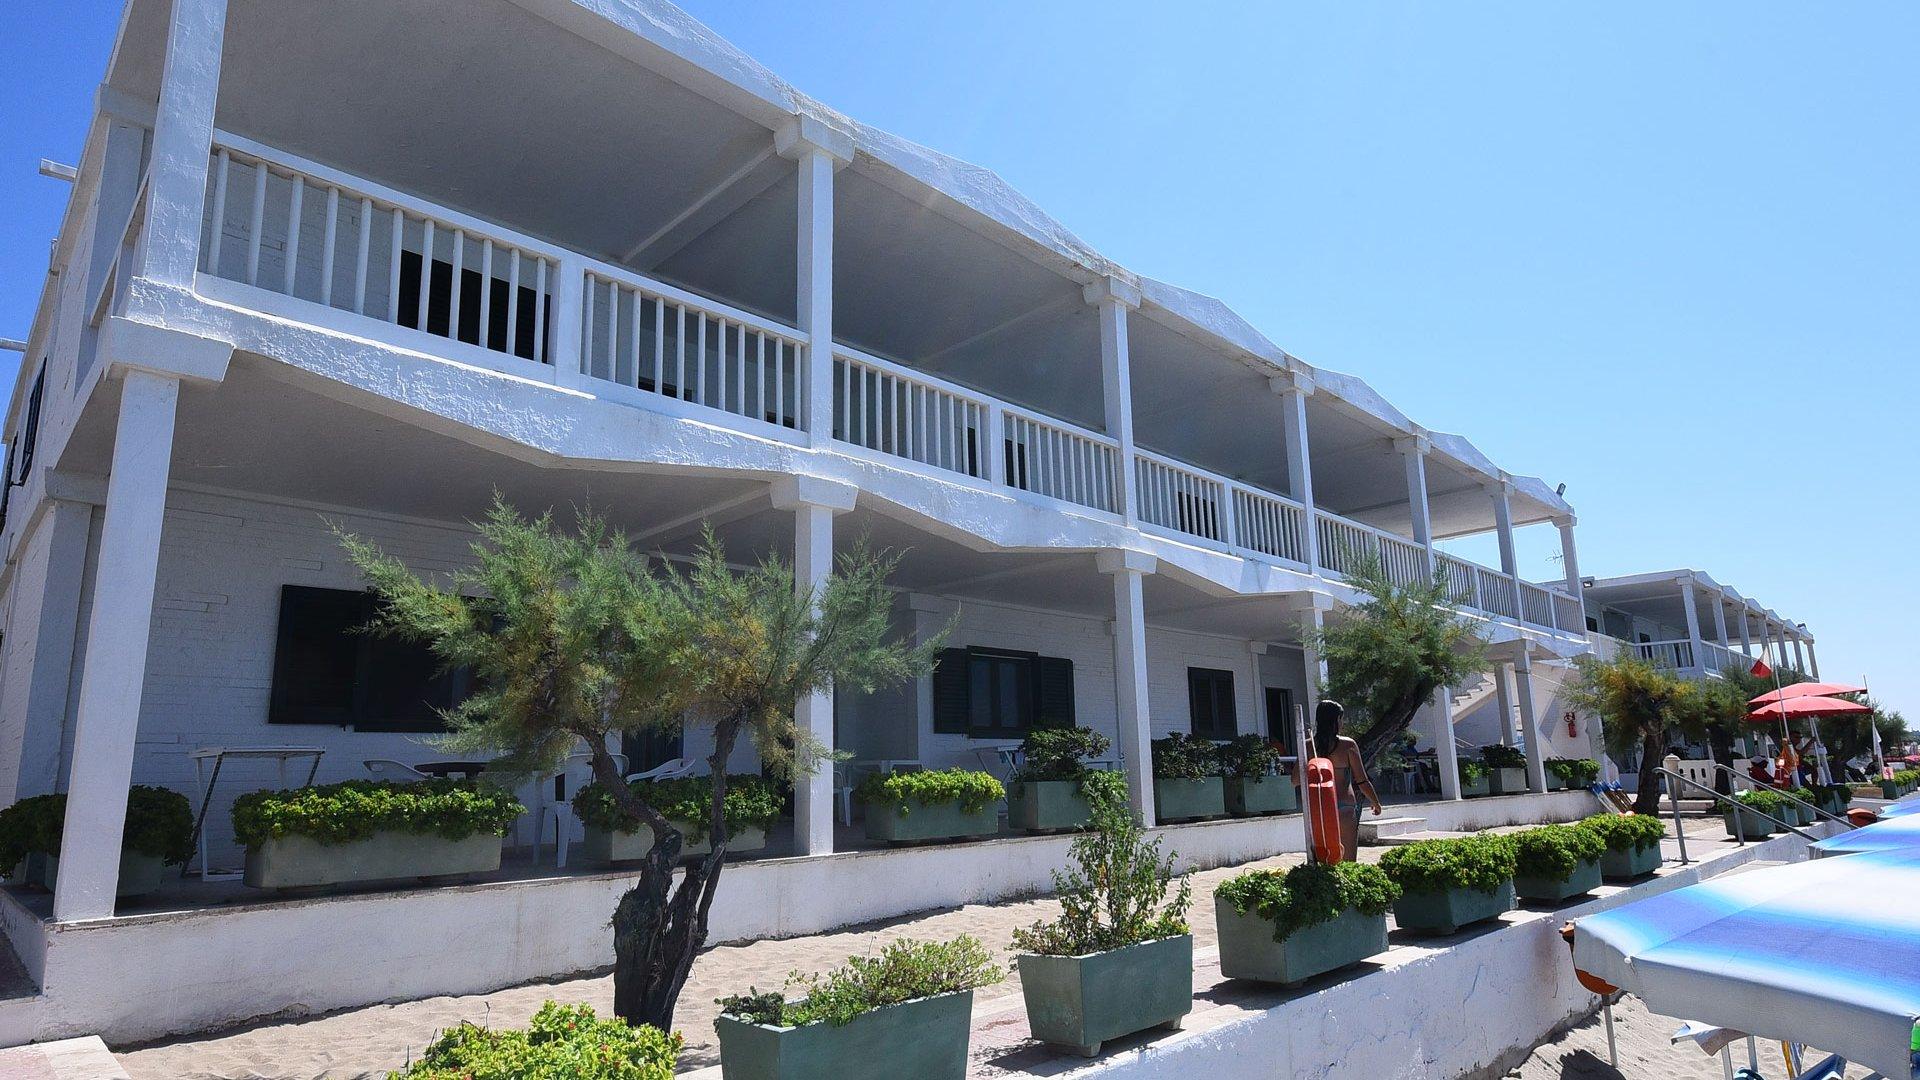 Casa vacanze lido san giovanni for Piani casa del sud del cottage